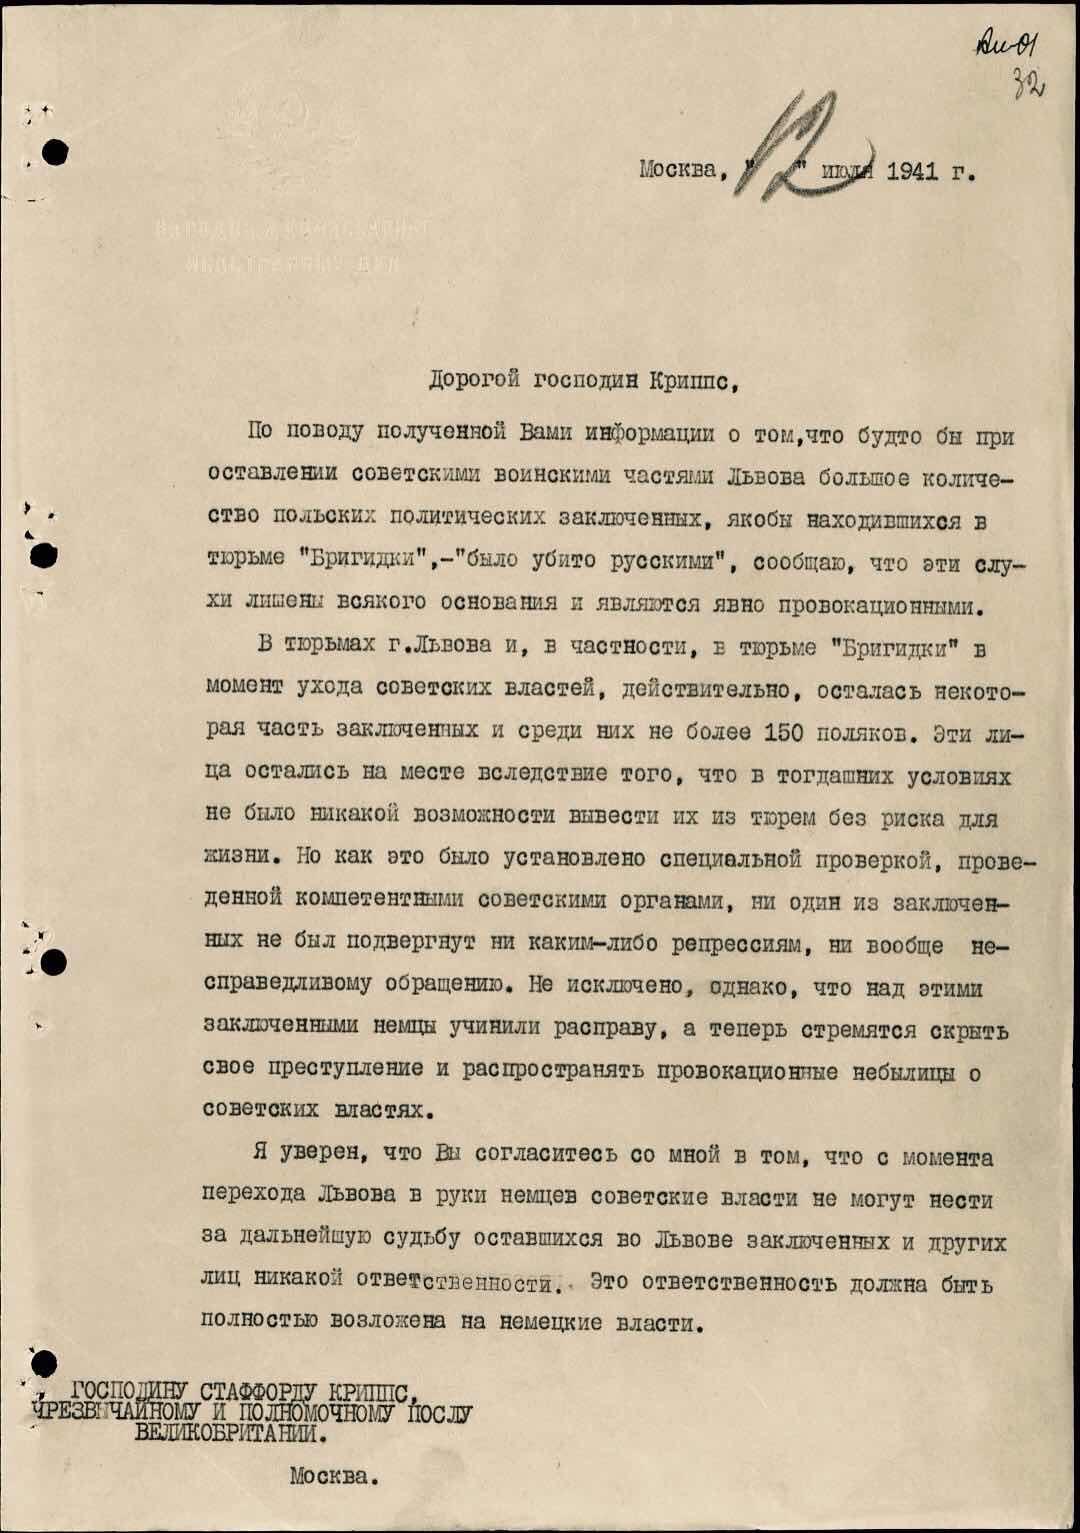 В львовской тюрьме Бригидки на начало войны 150 поляков 126501_original